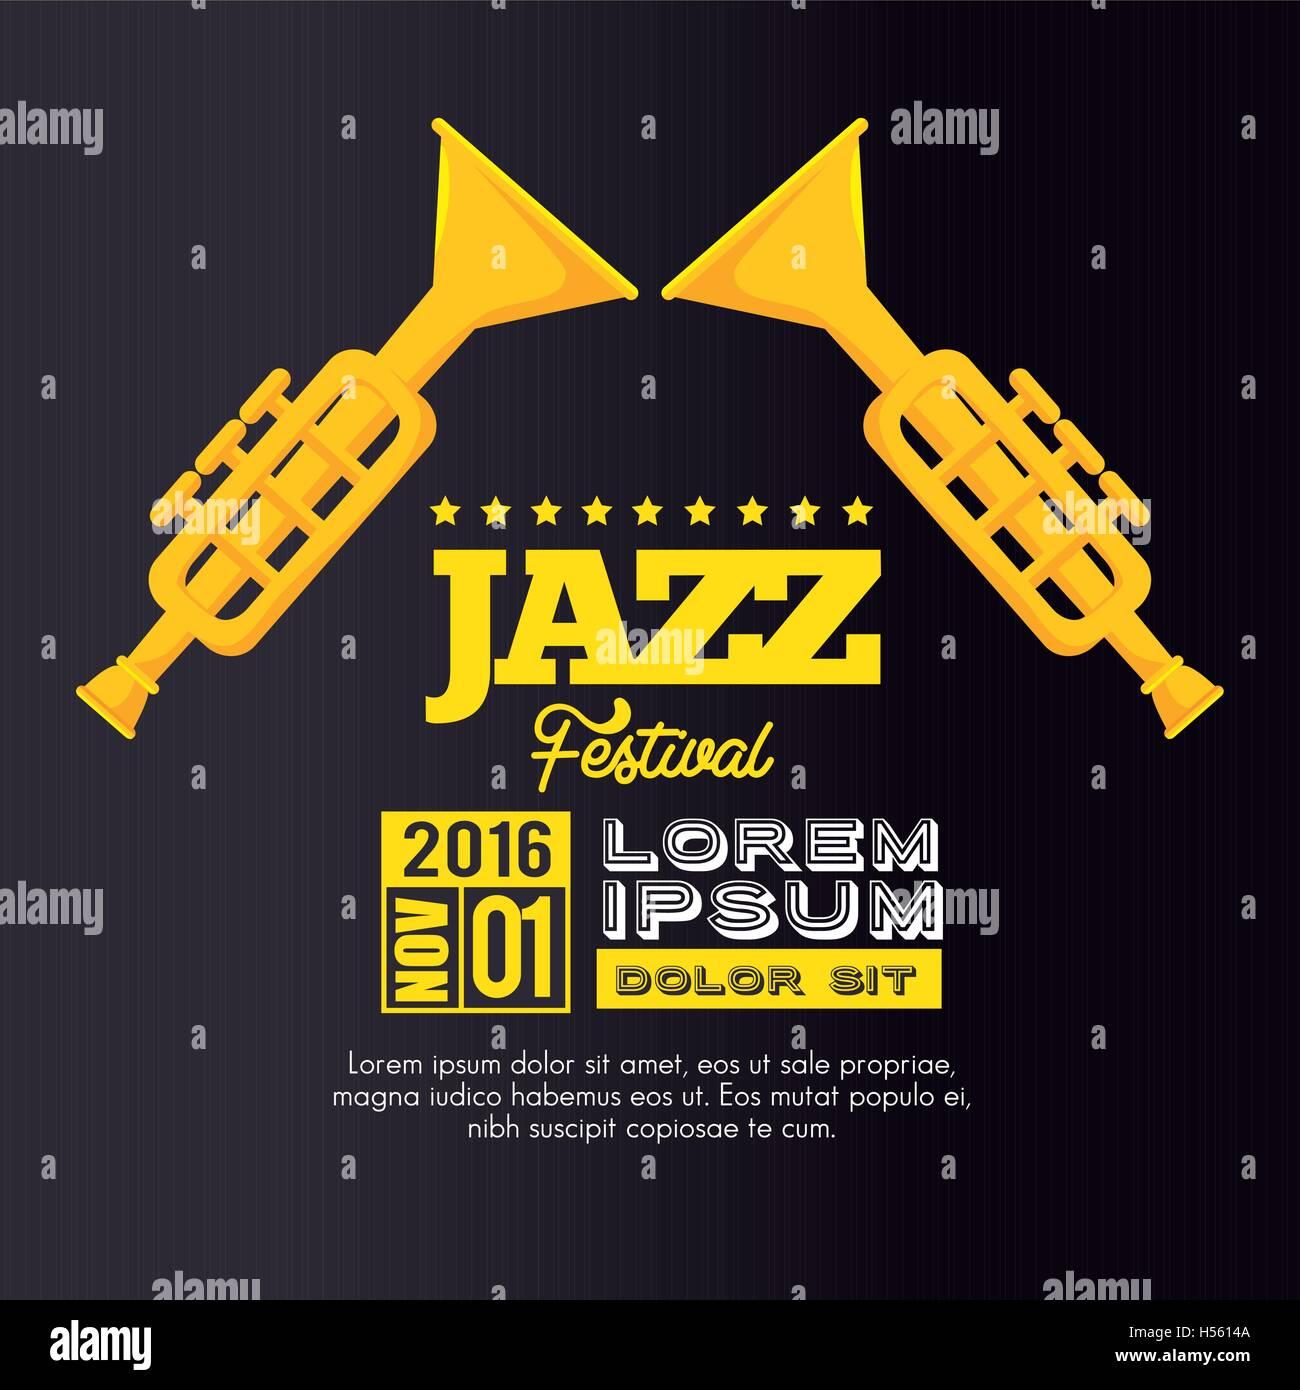 Art Jazz Stock Photos & Art Jazz Stock Images - Alamy